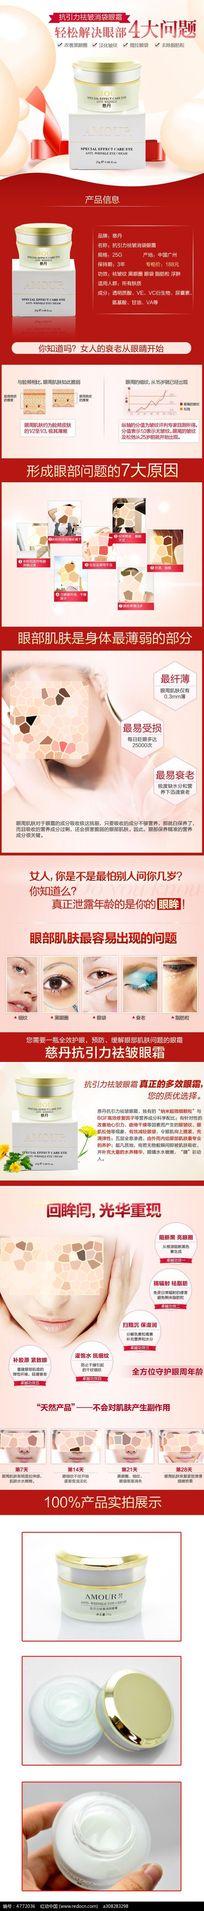 淘宝天猫化妆品详情页描述PSD模板设计